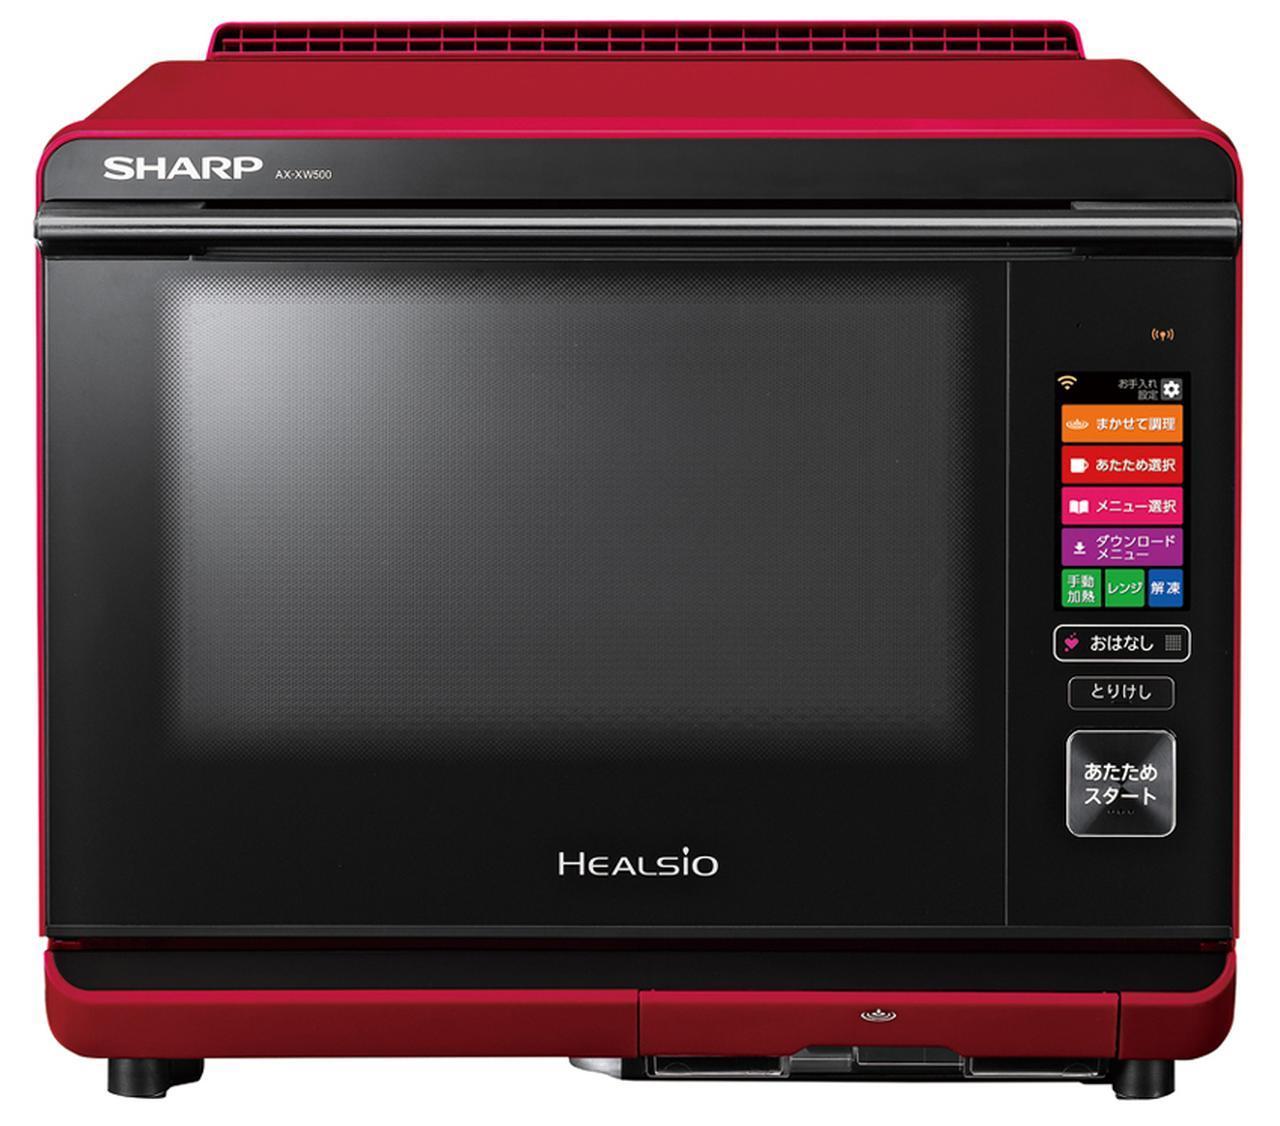 画像1: シャープ AX-XW500 実売価格例:16万8870円